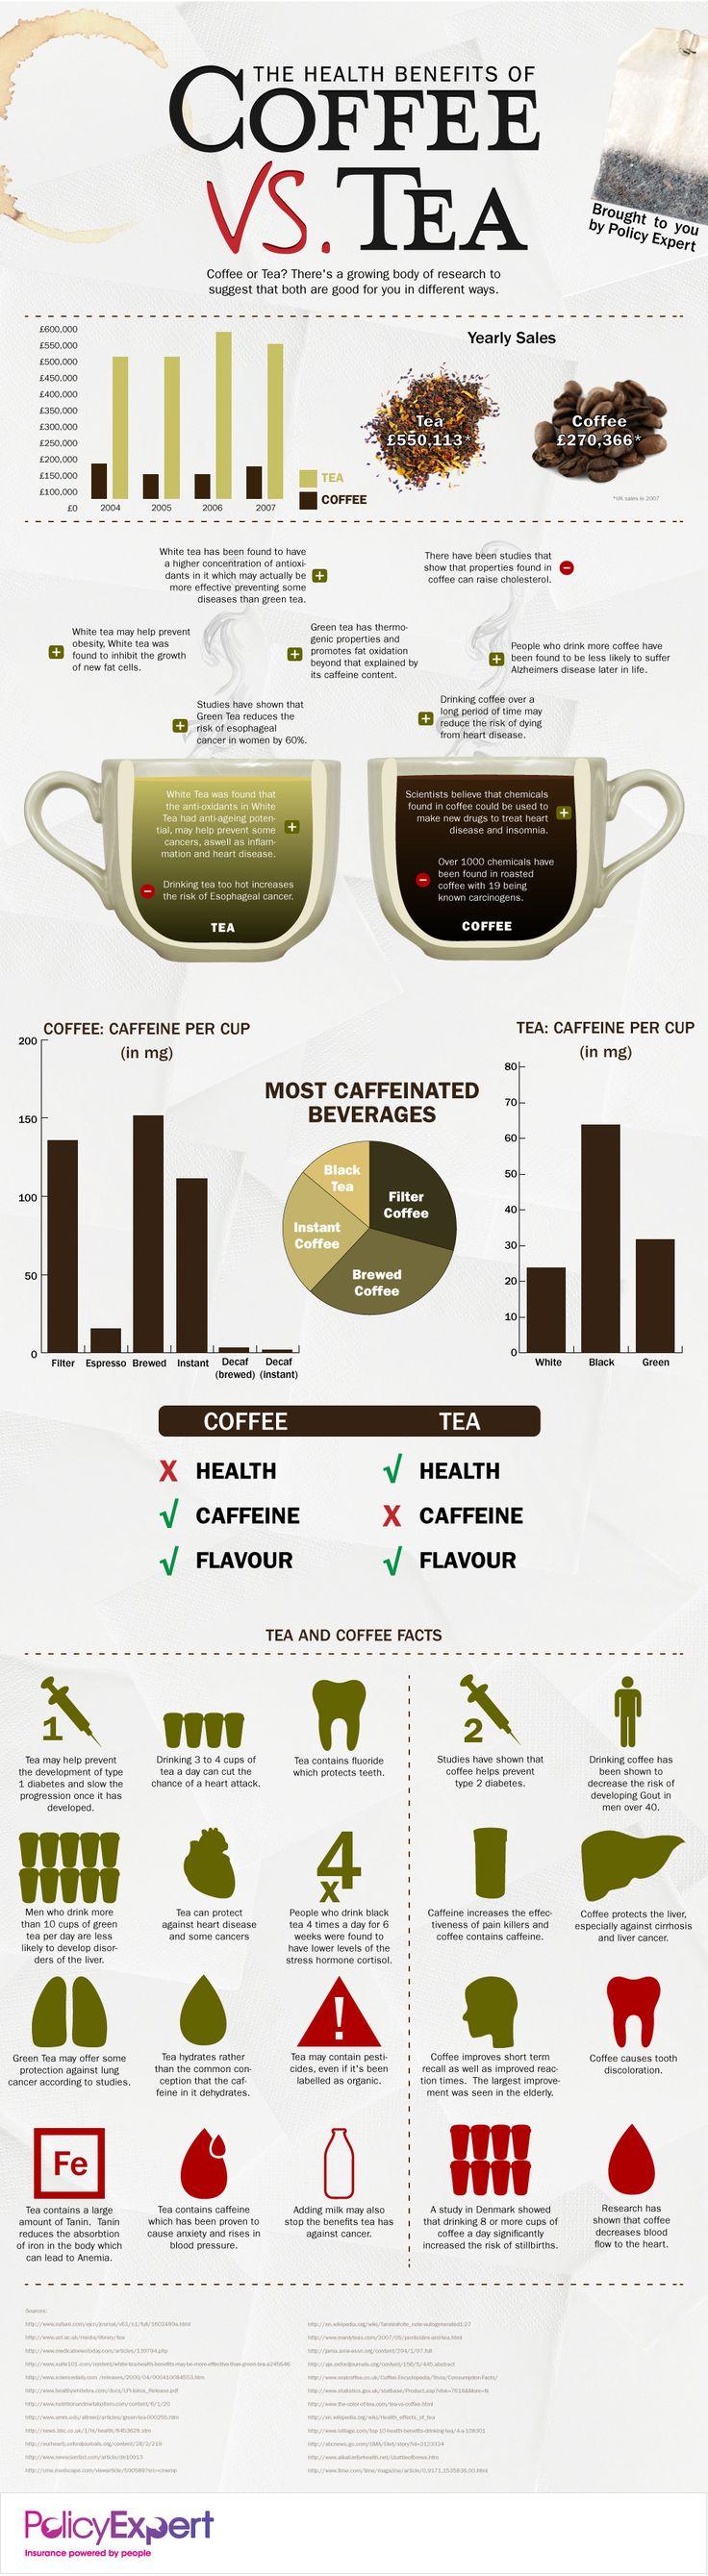 우리가 즐겨 마시는 <커피(Coffee)> vs <차(Tea)> 간의 효능을 비교 분석해 놓은 INFOGRAPHIC이 있군요~  이젠 커피좀 줄여야지.. ^^;